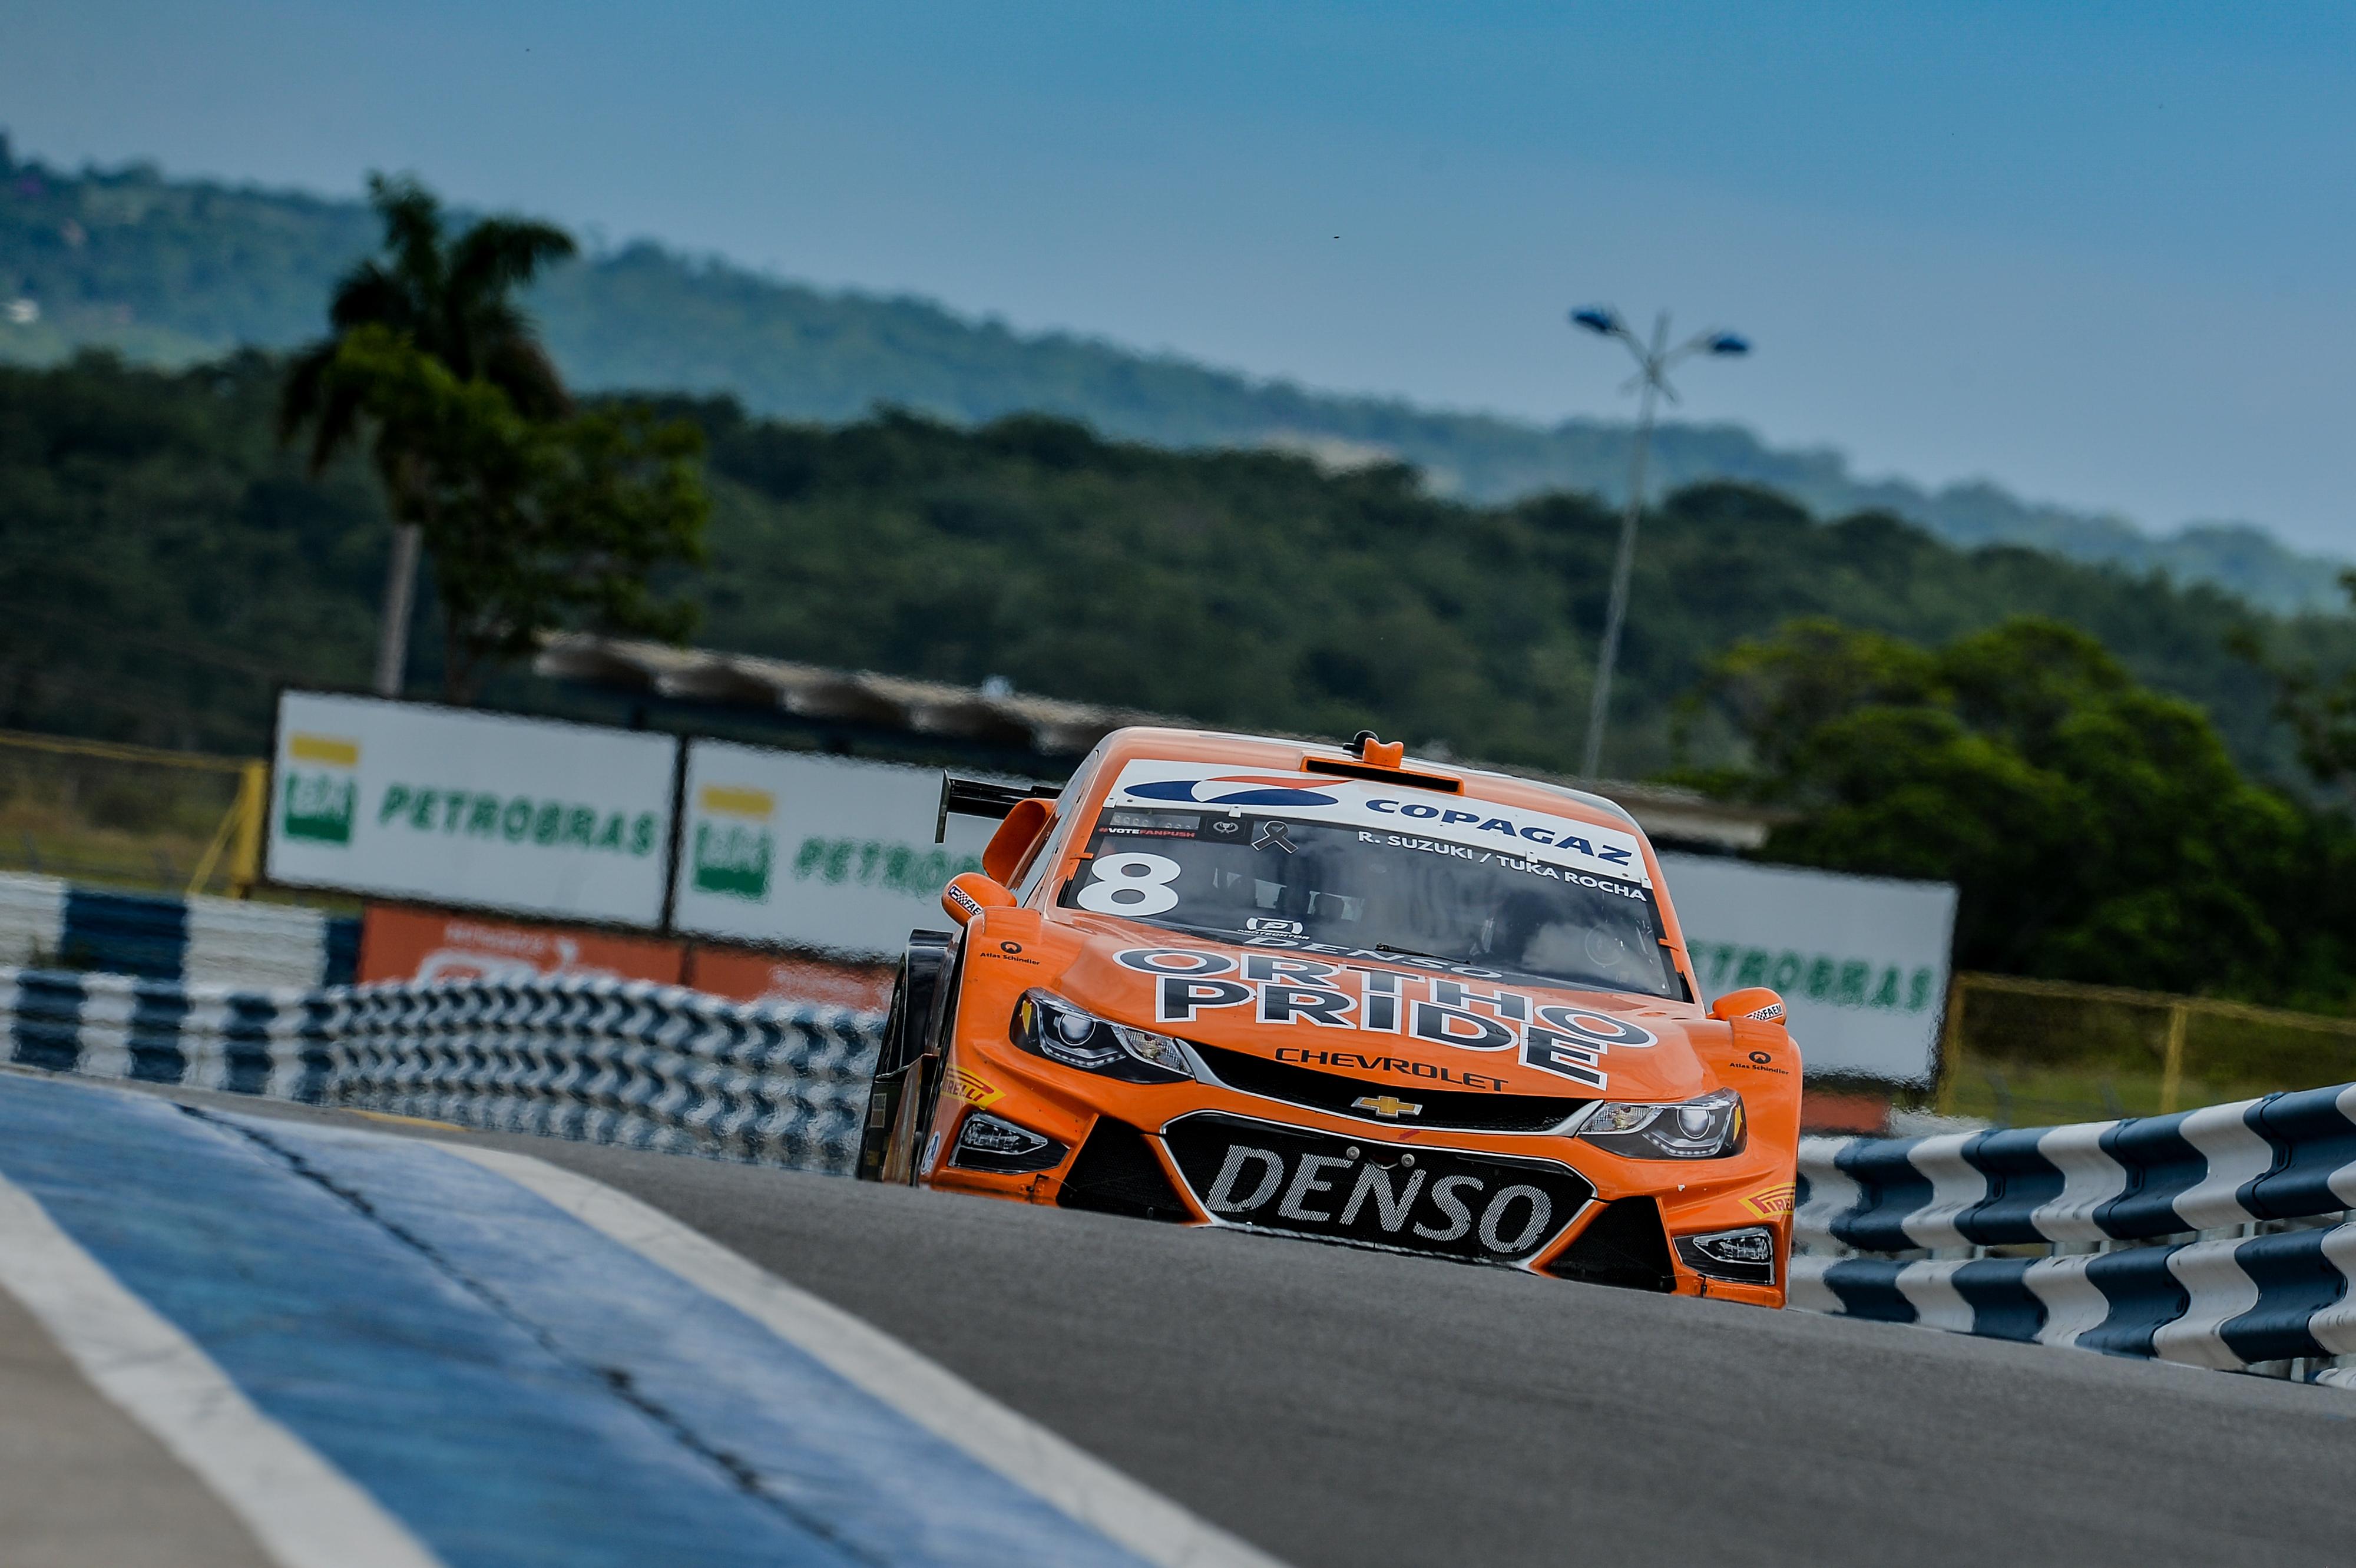 11_StockCar2019_dudabairros_Goiânia_0283